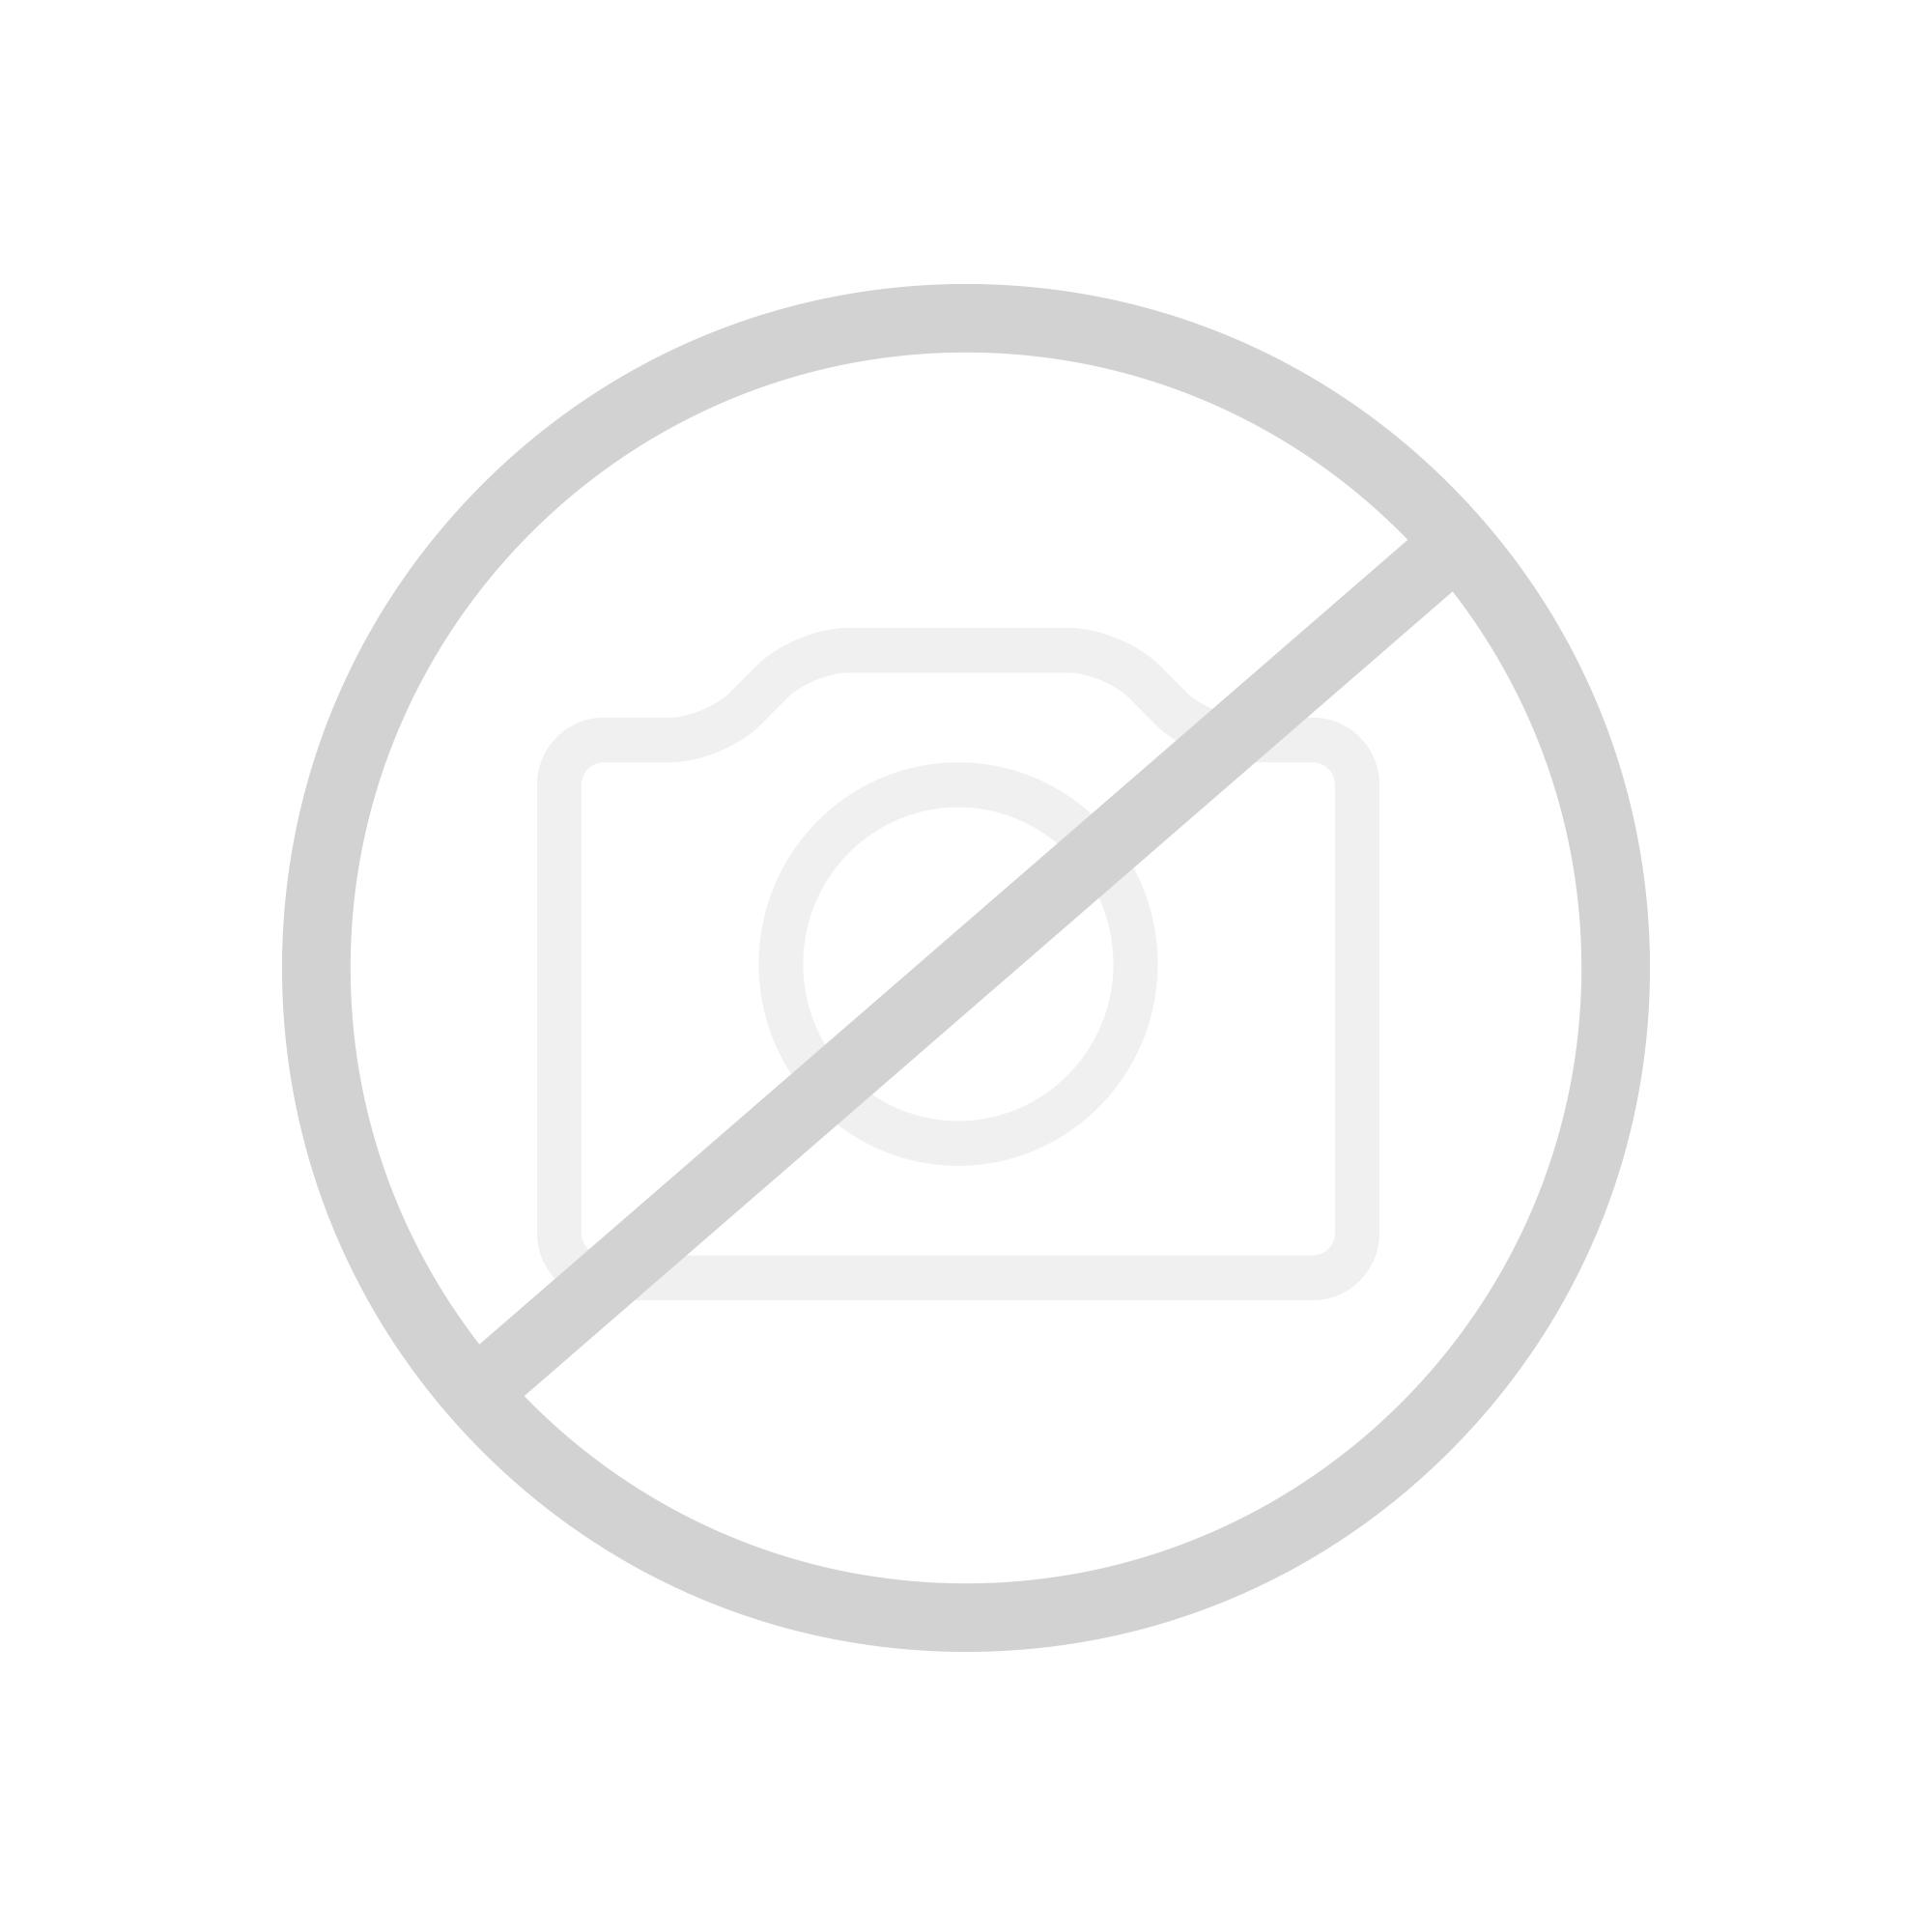 keuco edition 11 badetuchhalter 11101010800 reuter. Black Bedroom Furniture Sets. Home Design Ideas